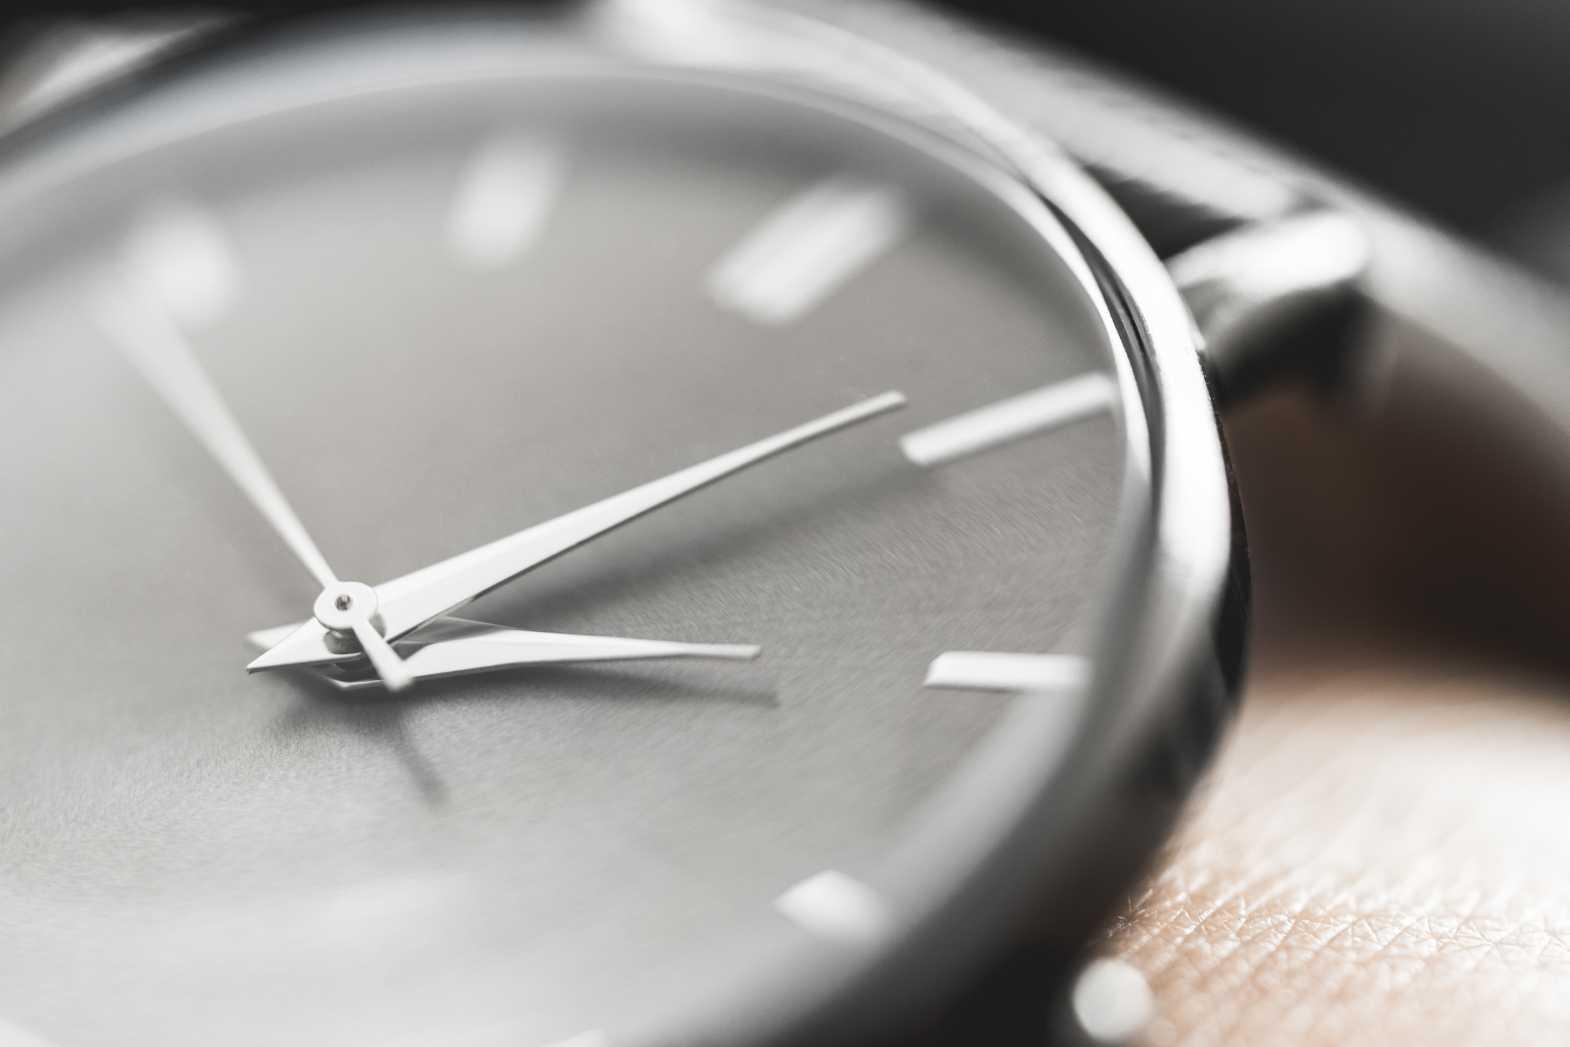 Comment peut-on réduire la durée d'un recrutement ? La montre ici symbolise le temps.